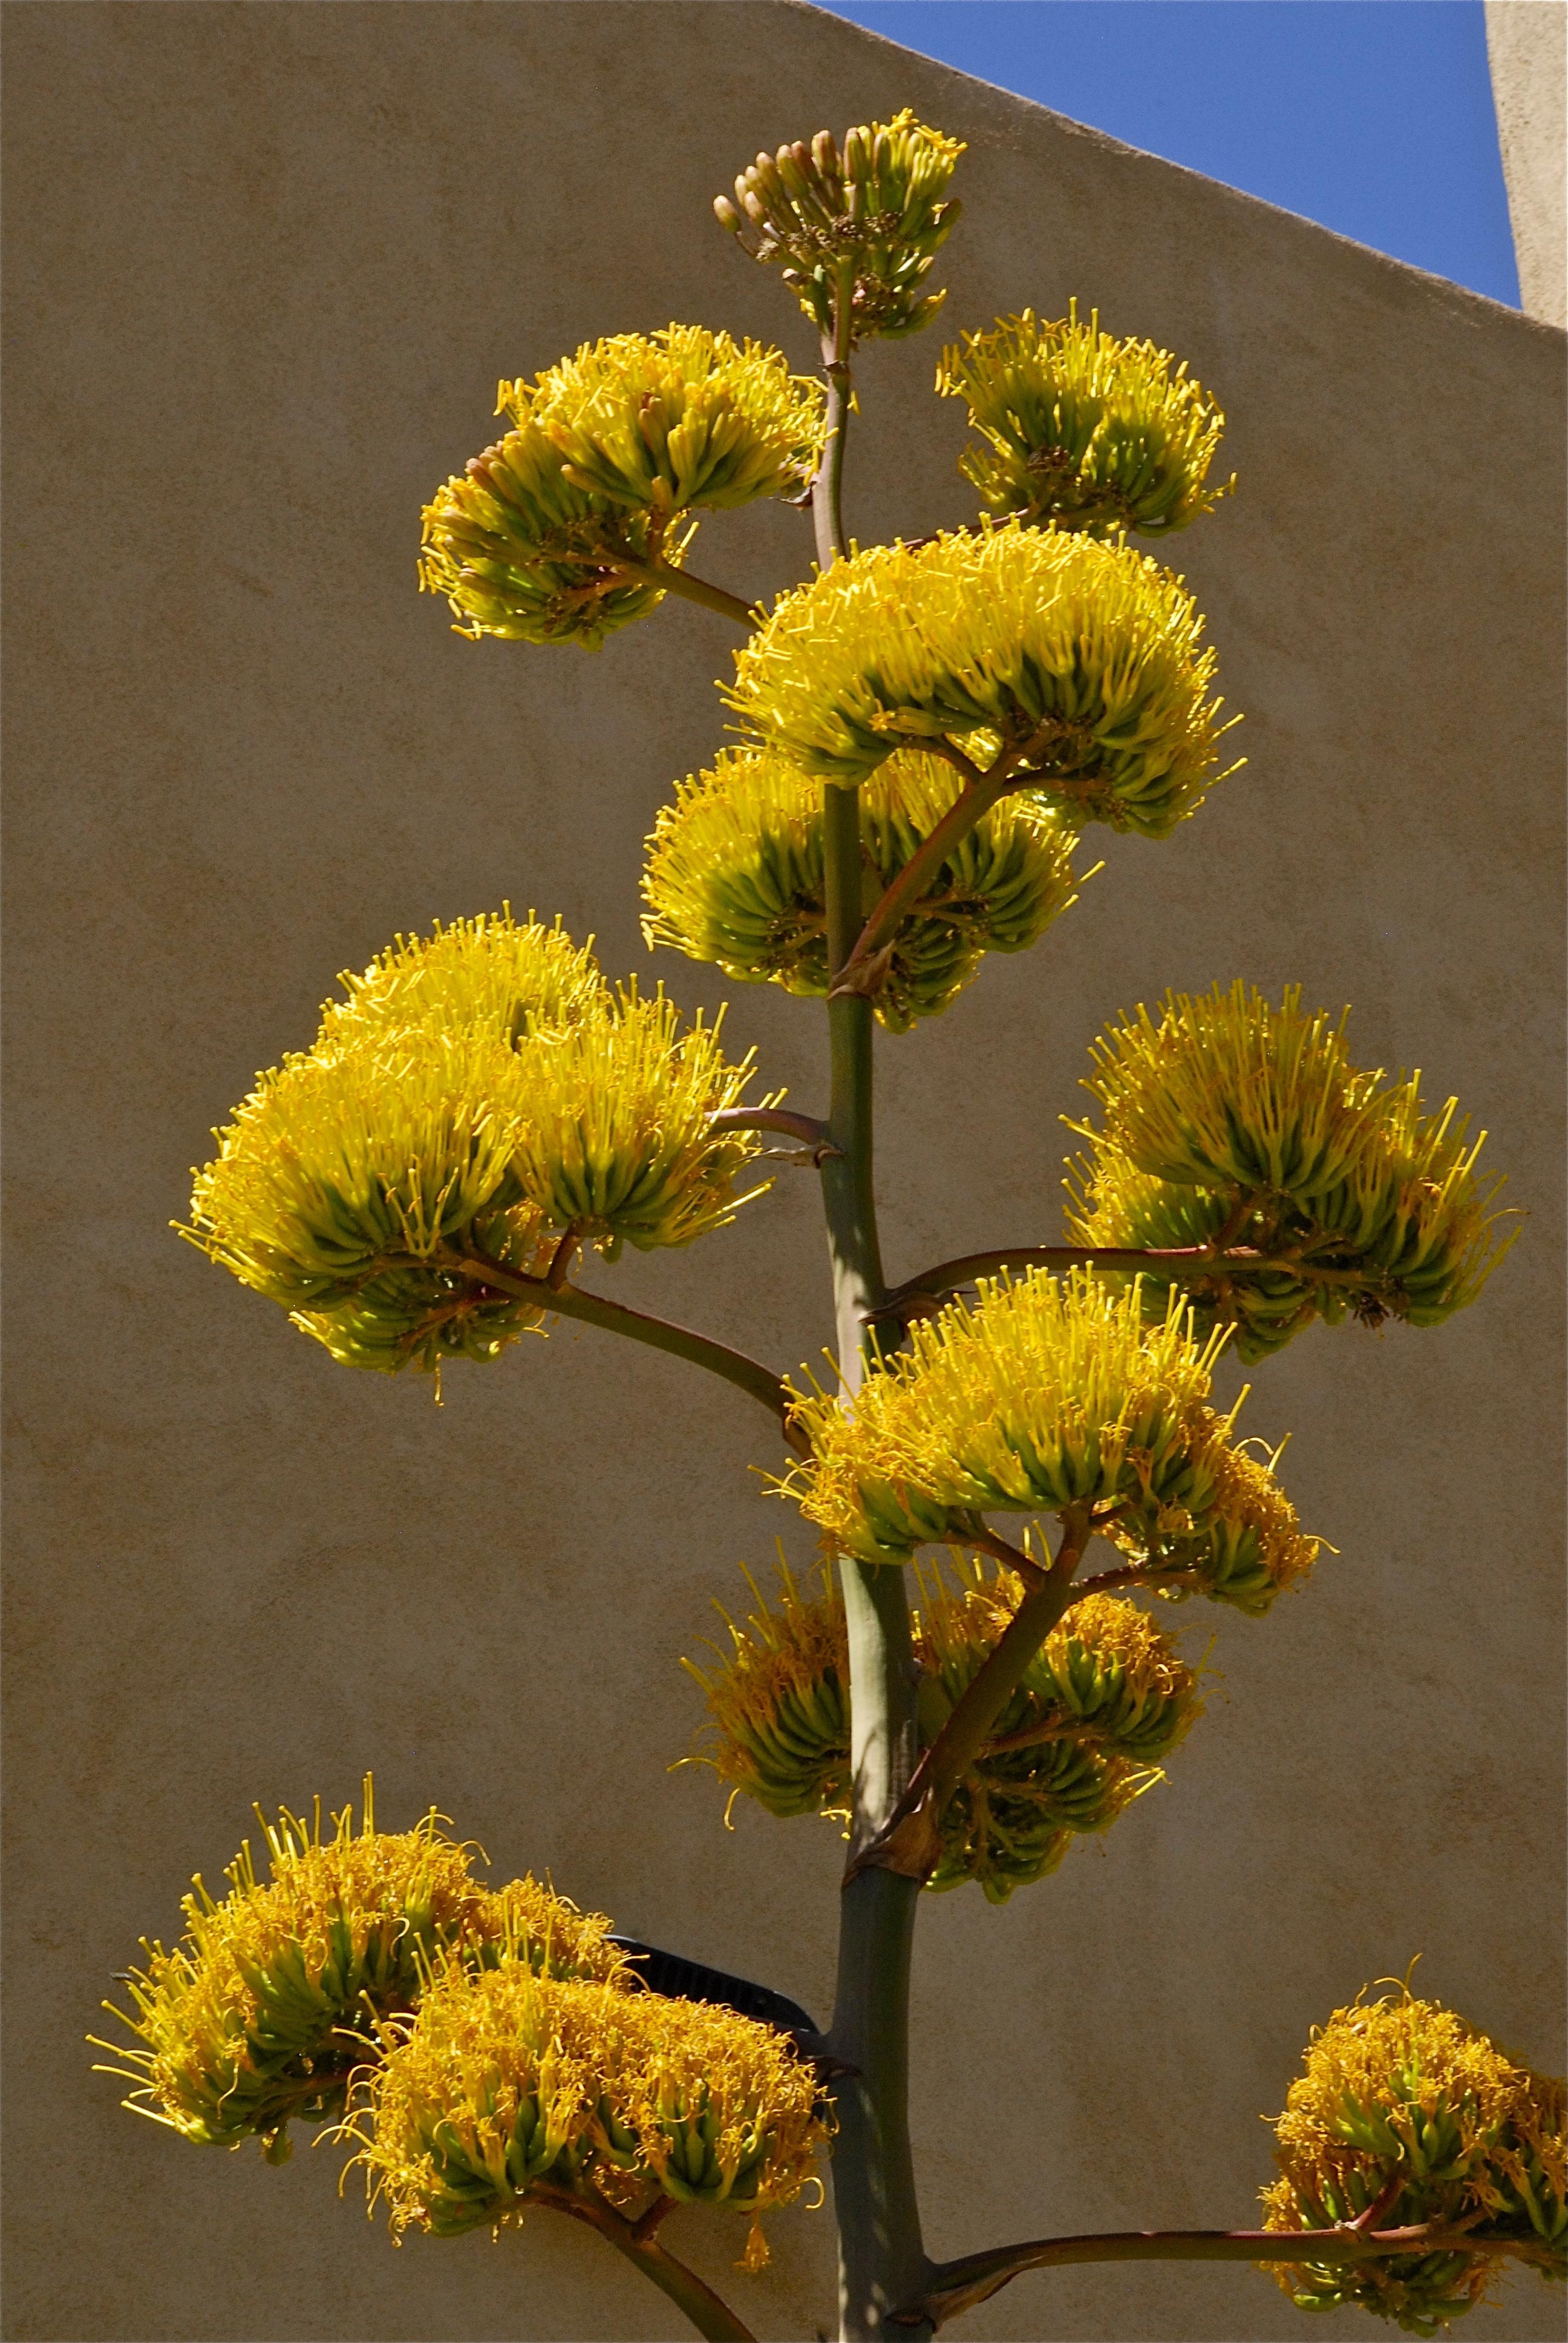 yellowFLOWERtree